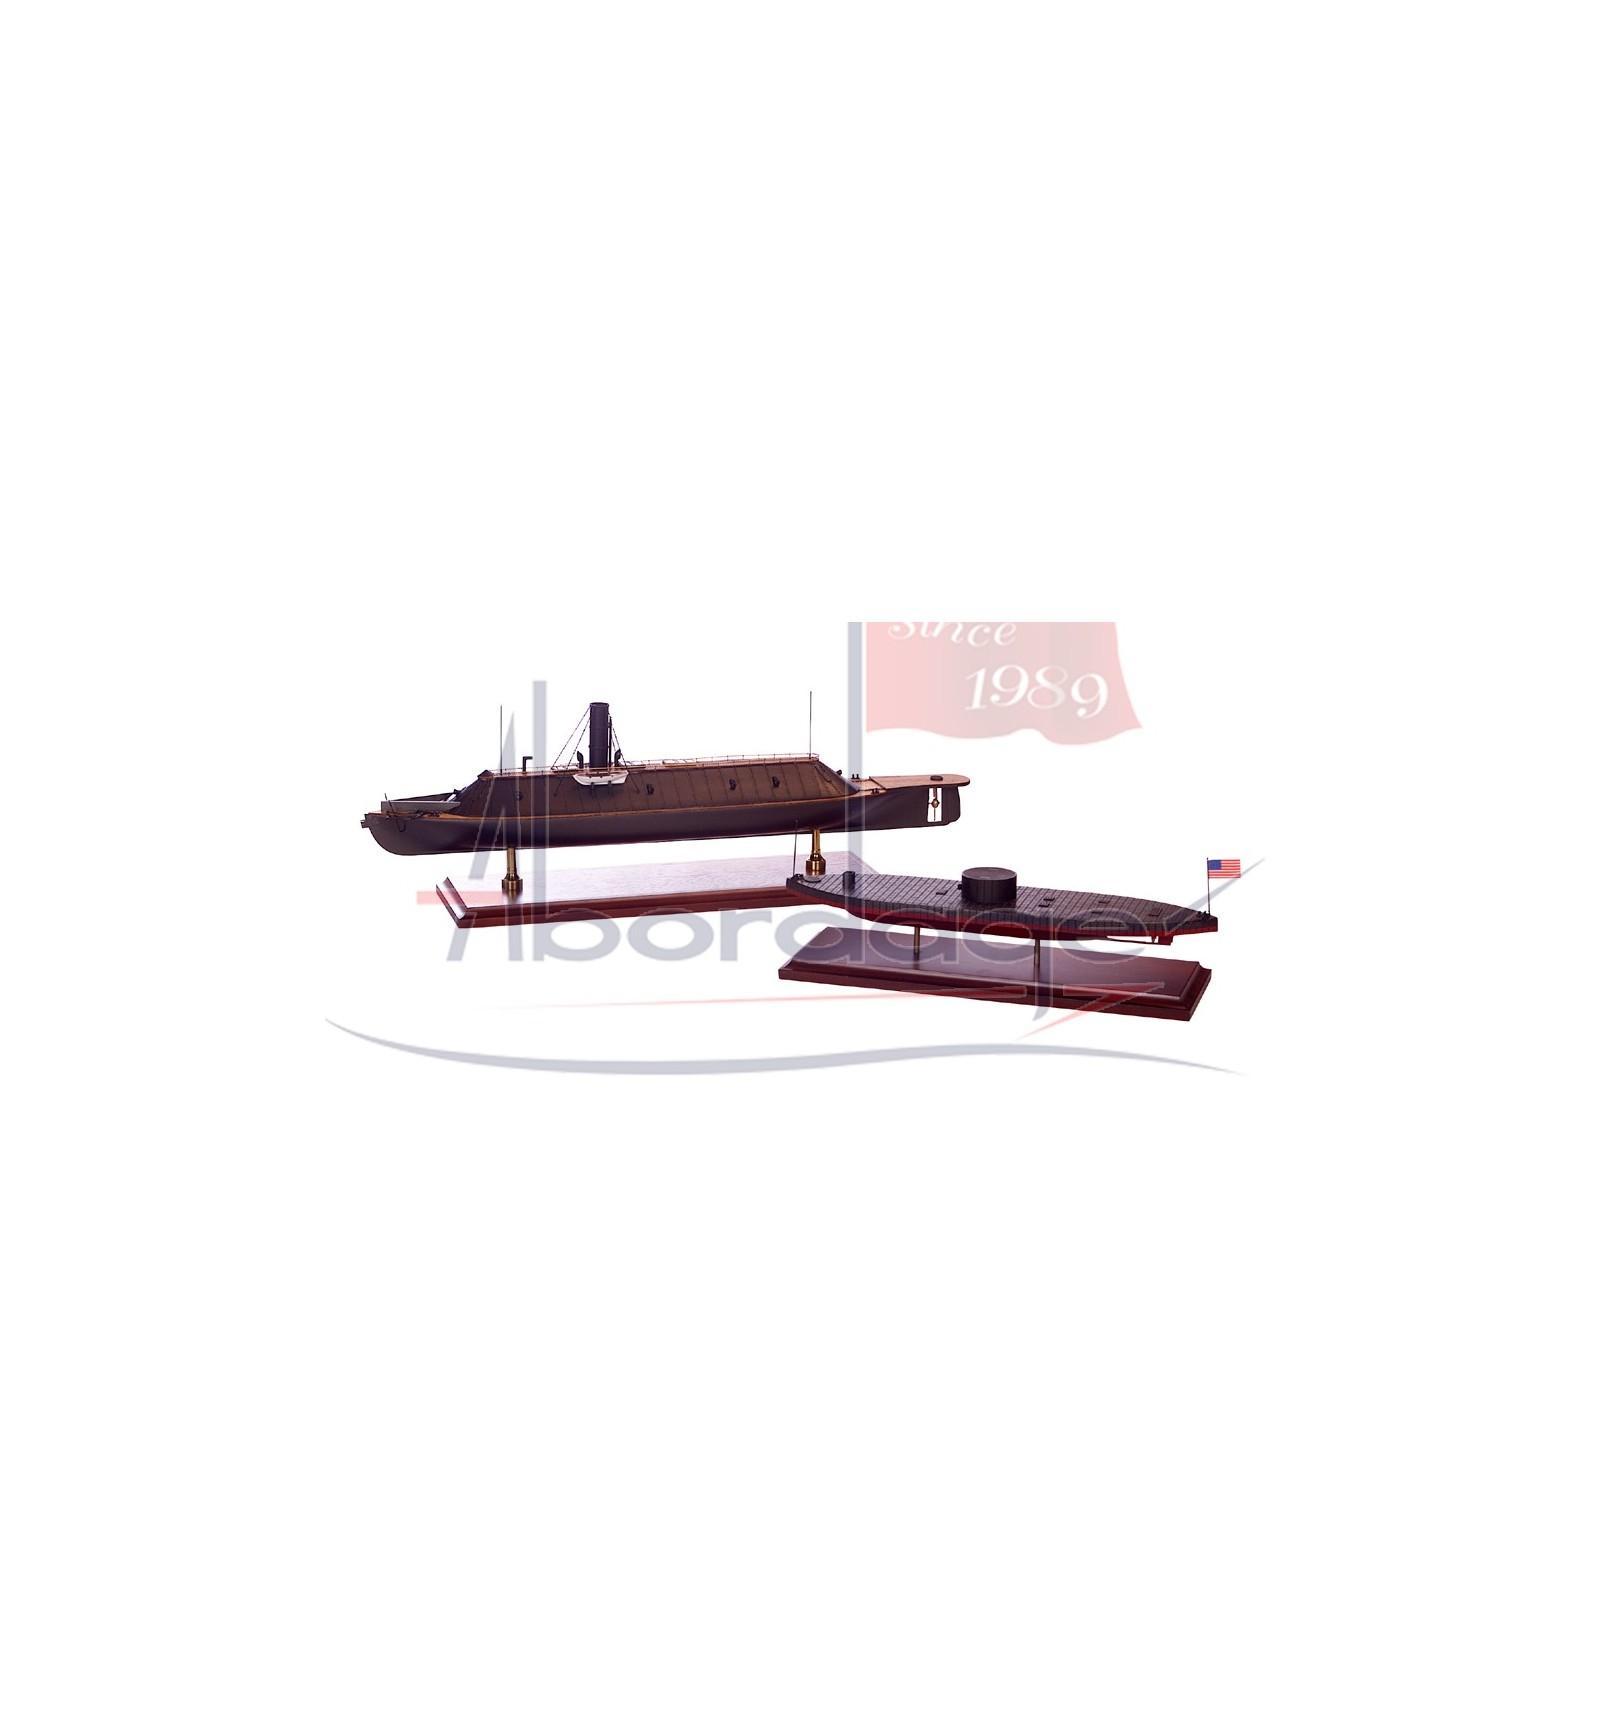 How To Build A Sub Box >> CSS Virginia Museum Quality Boat Model Replica - Handmade